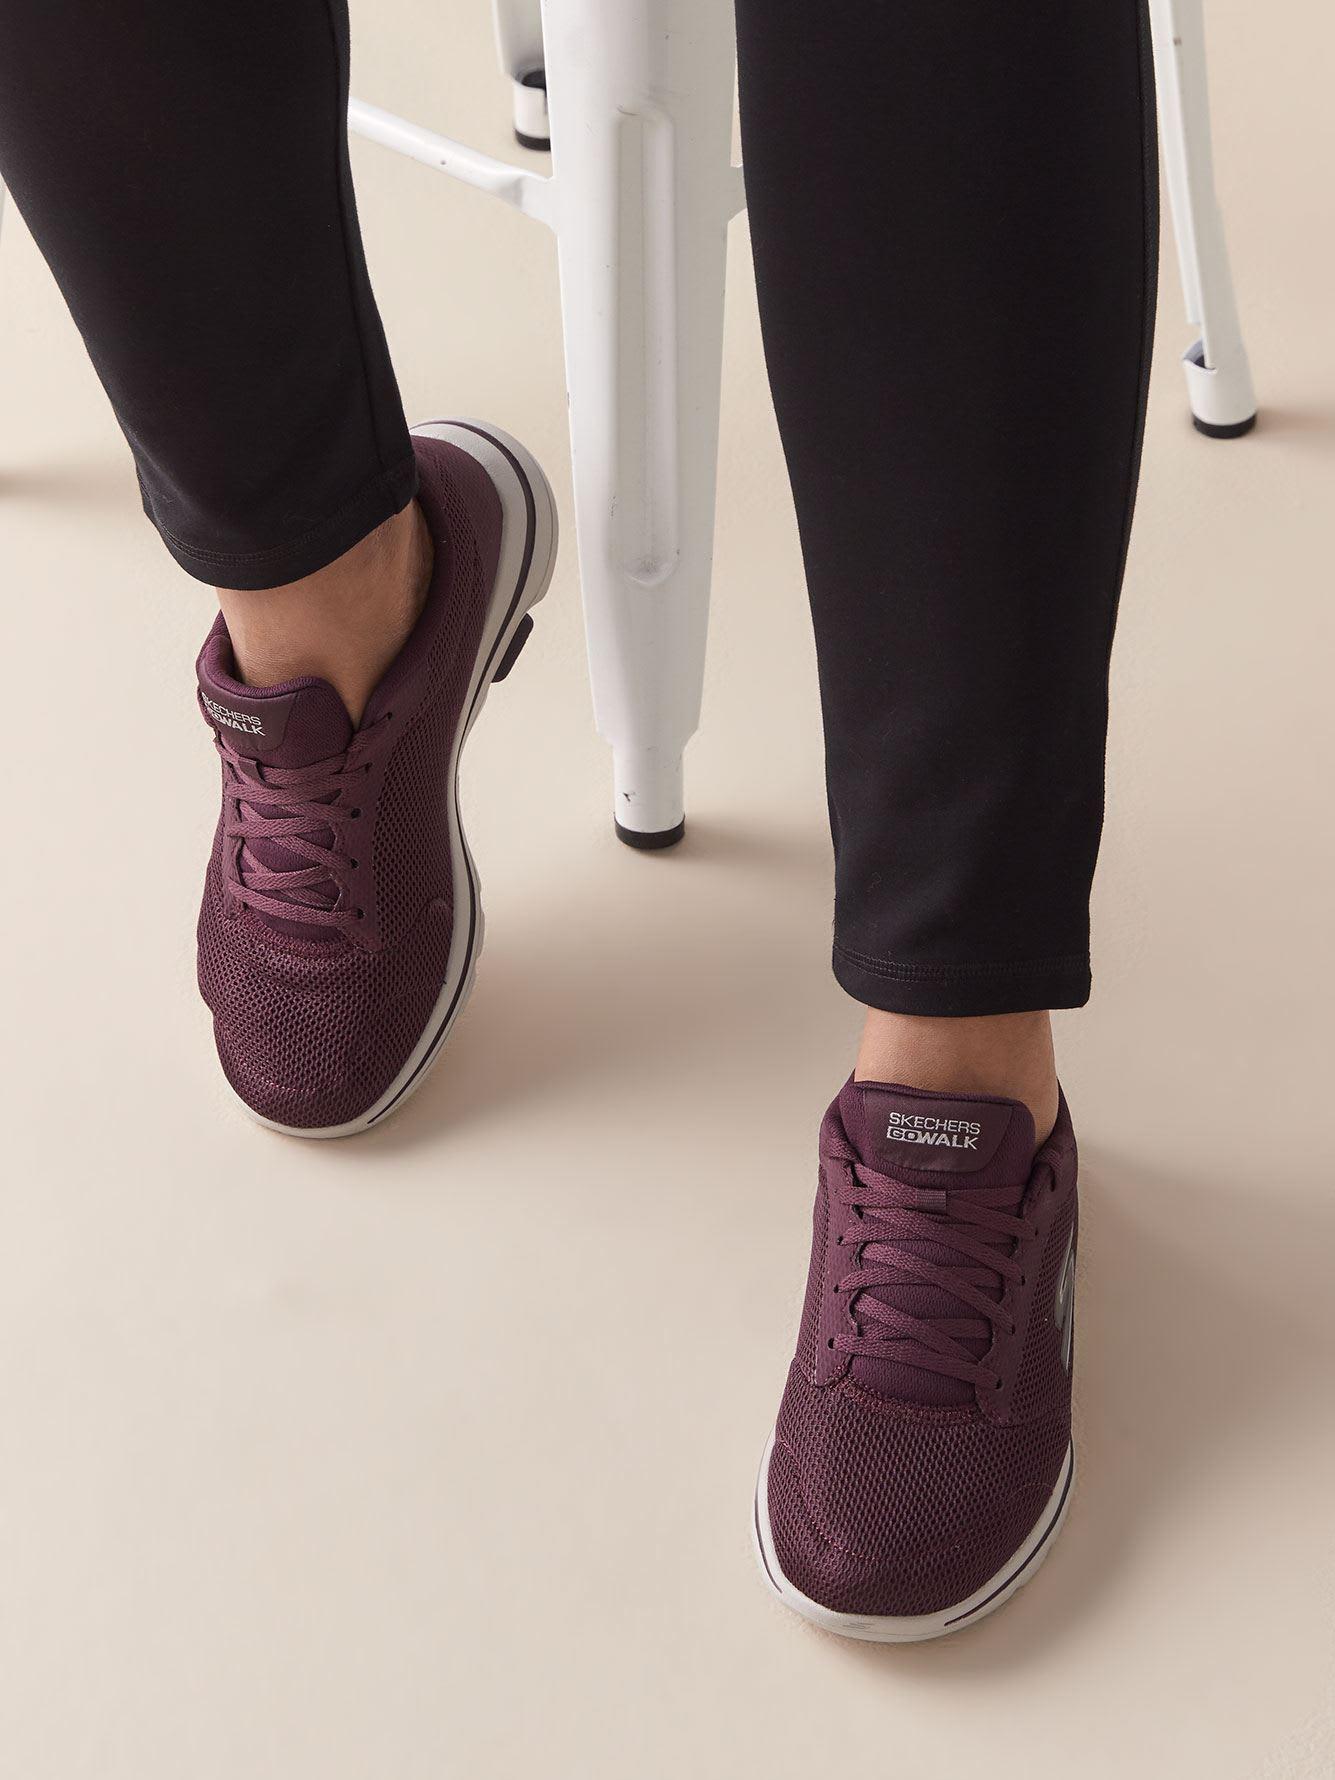 Wide Width GOWalk 5 Lucky Sneaker